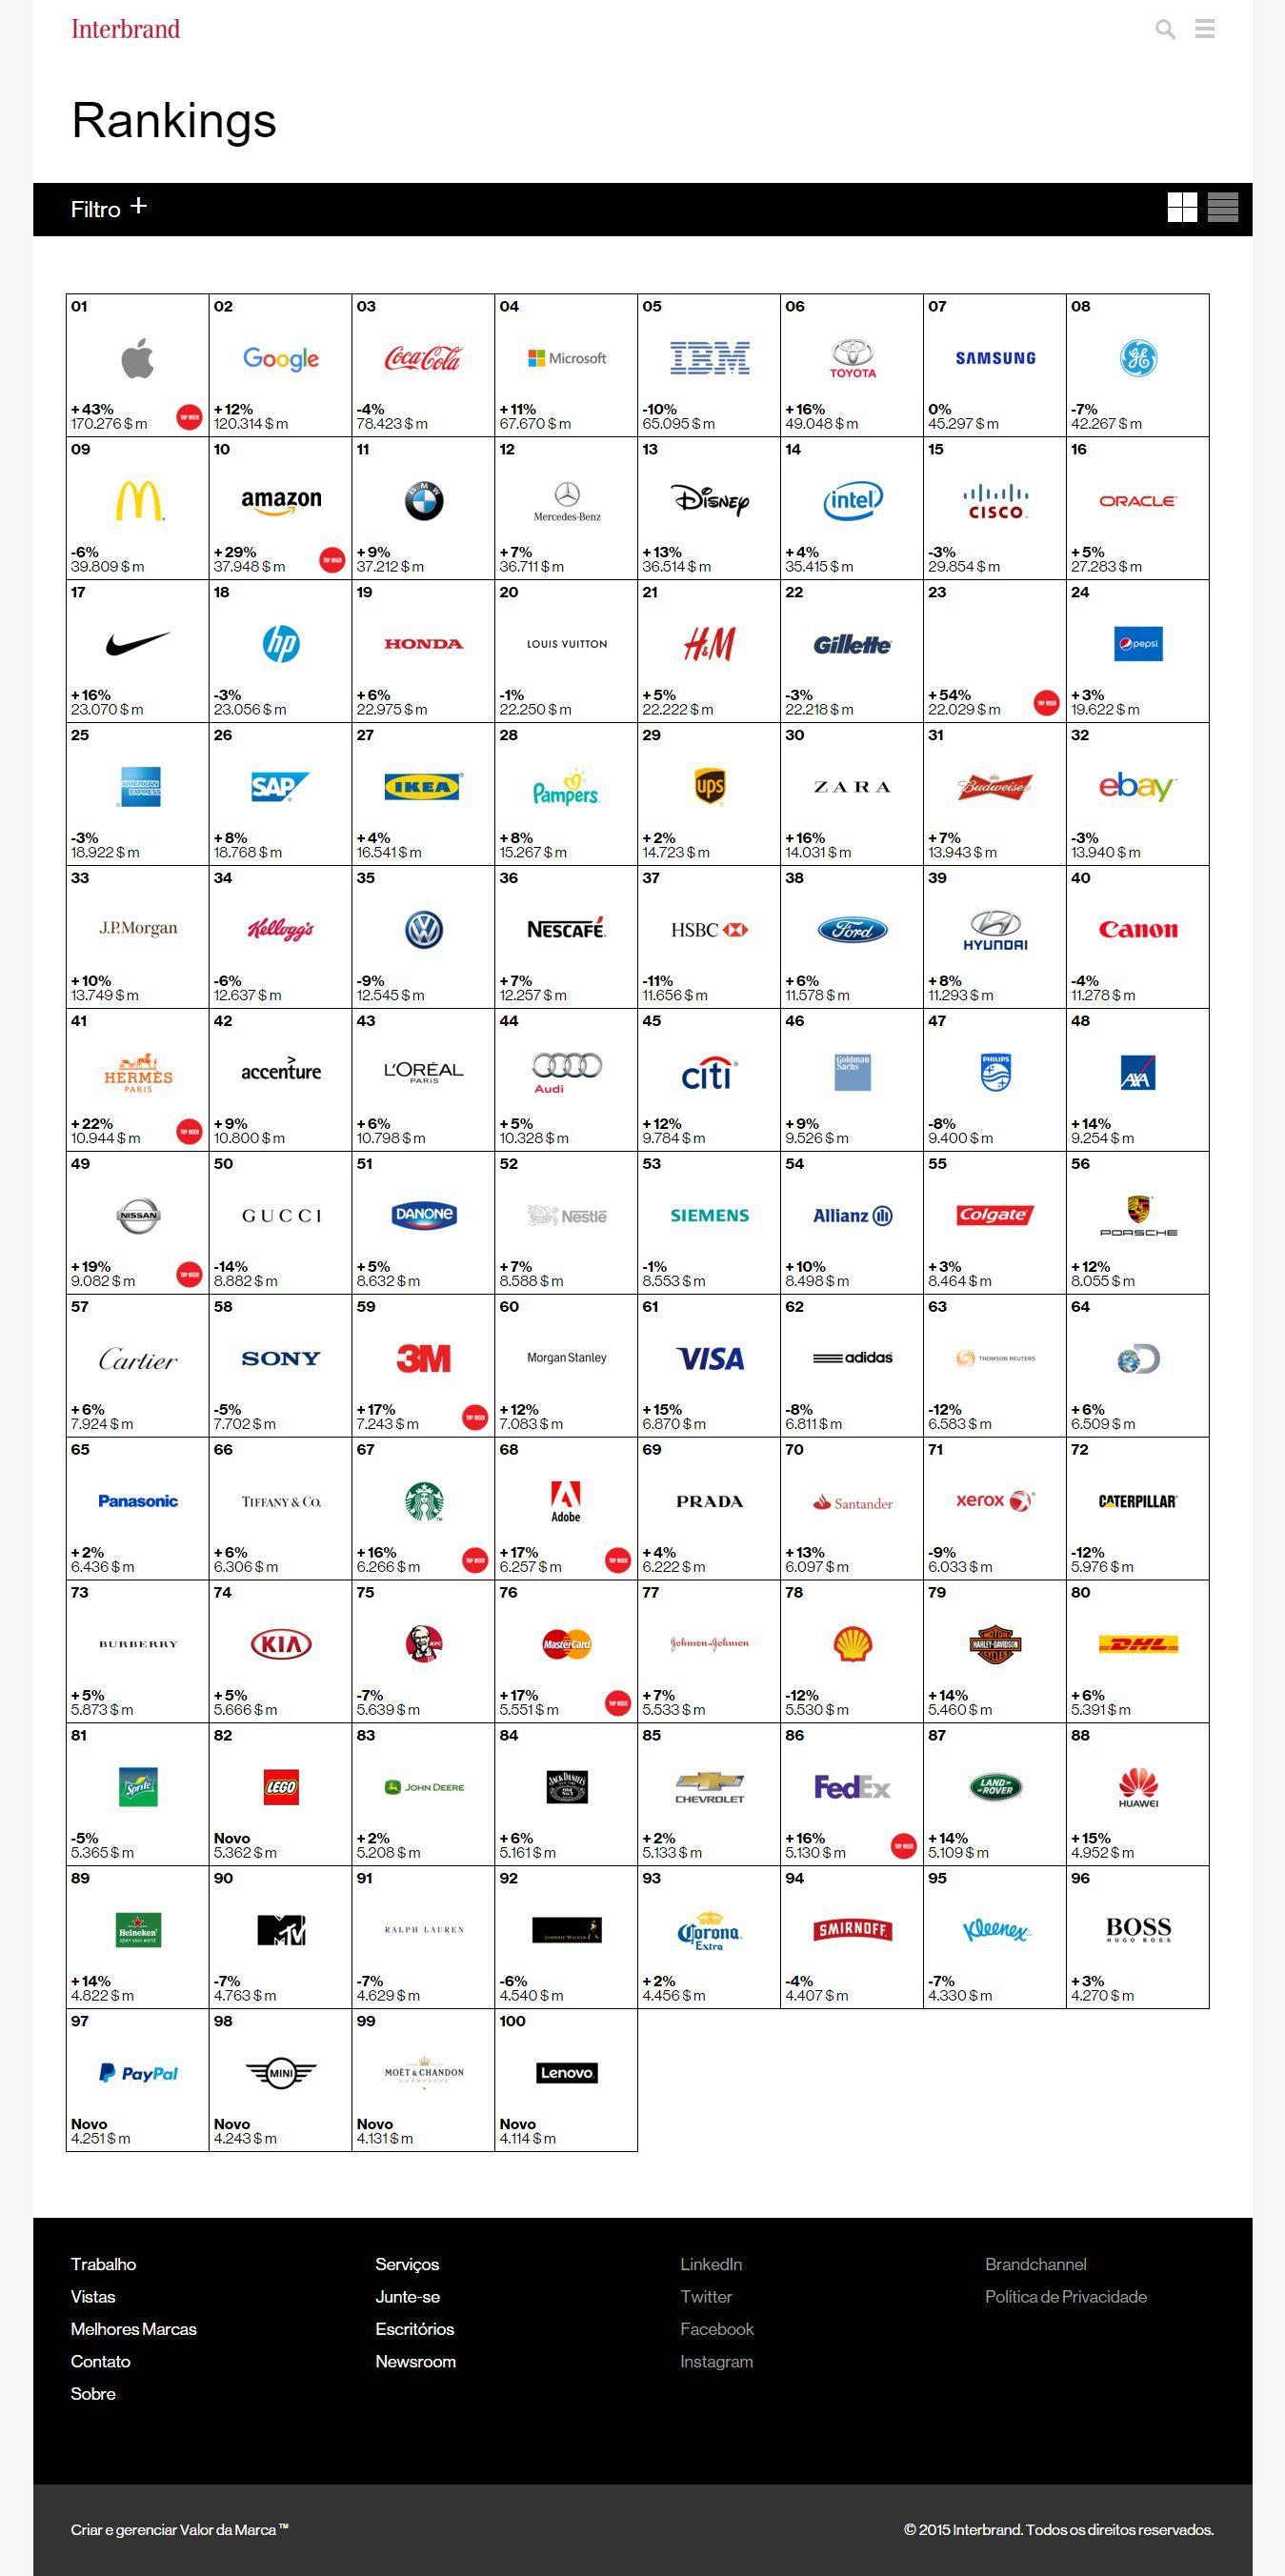 As 10 marcas com maior valor de mercado em 2015